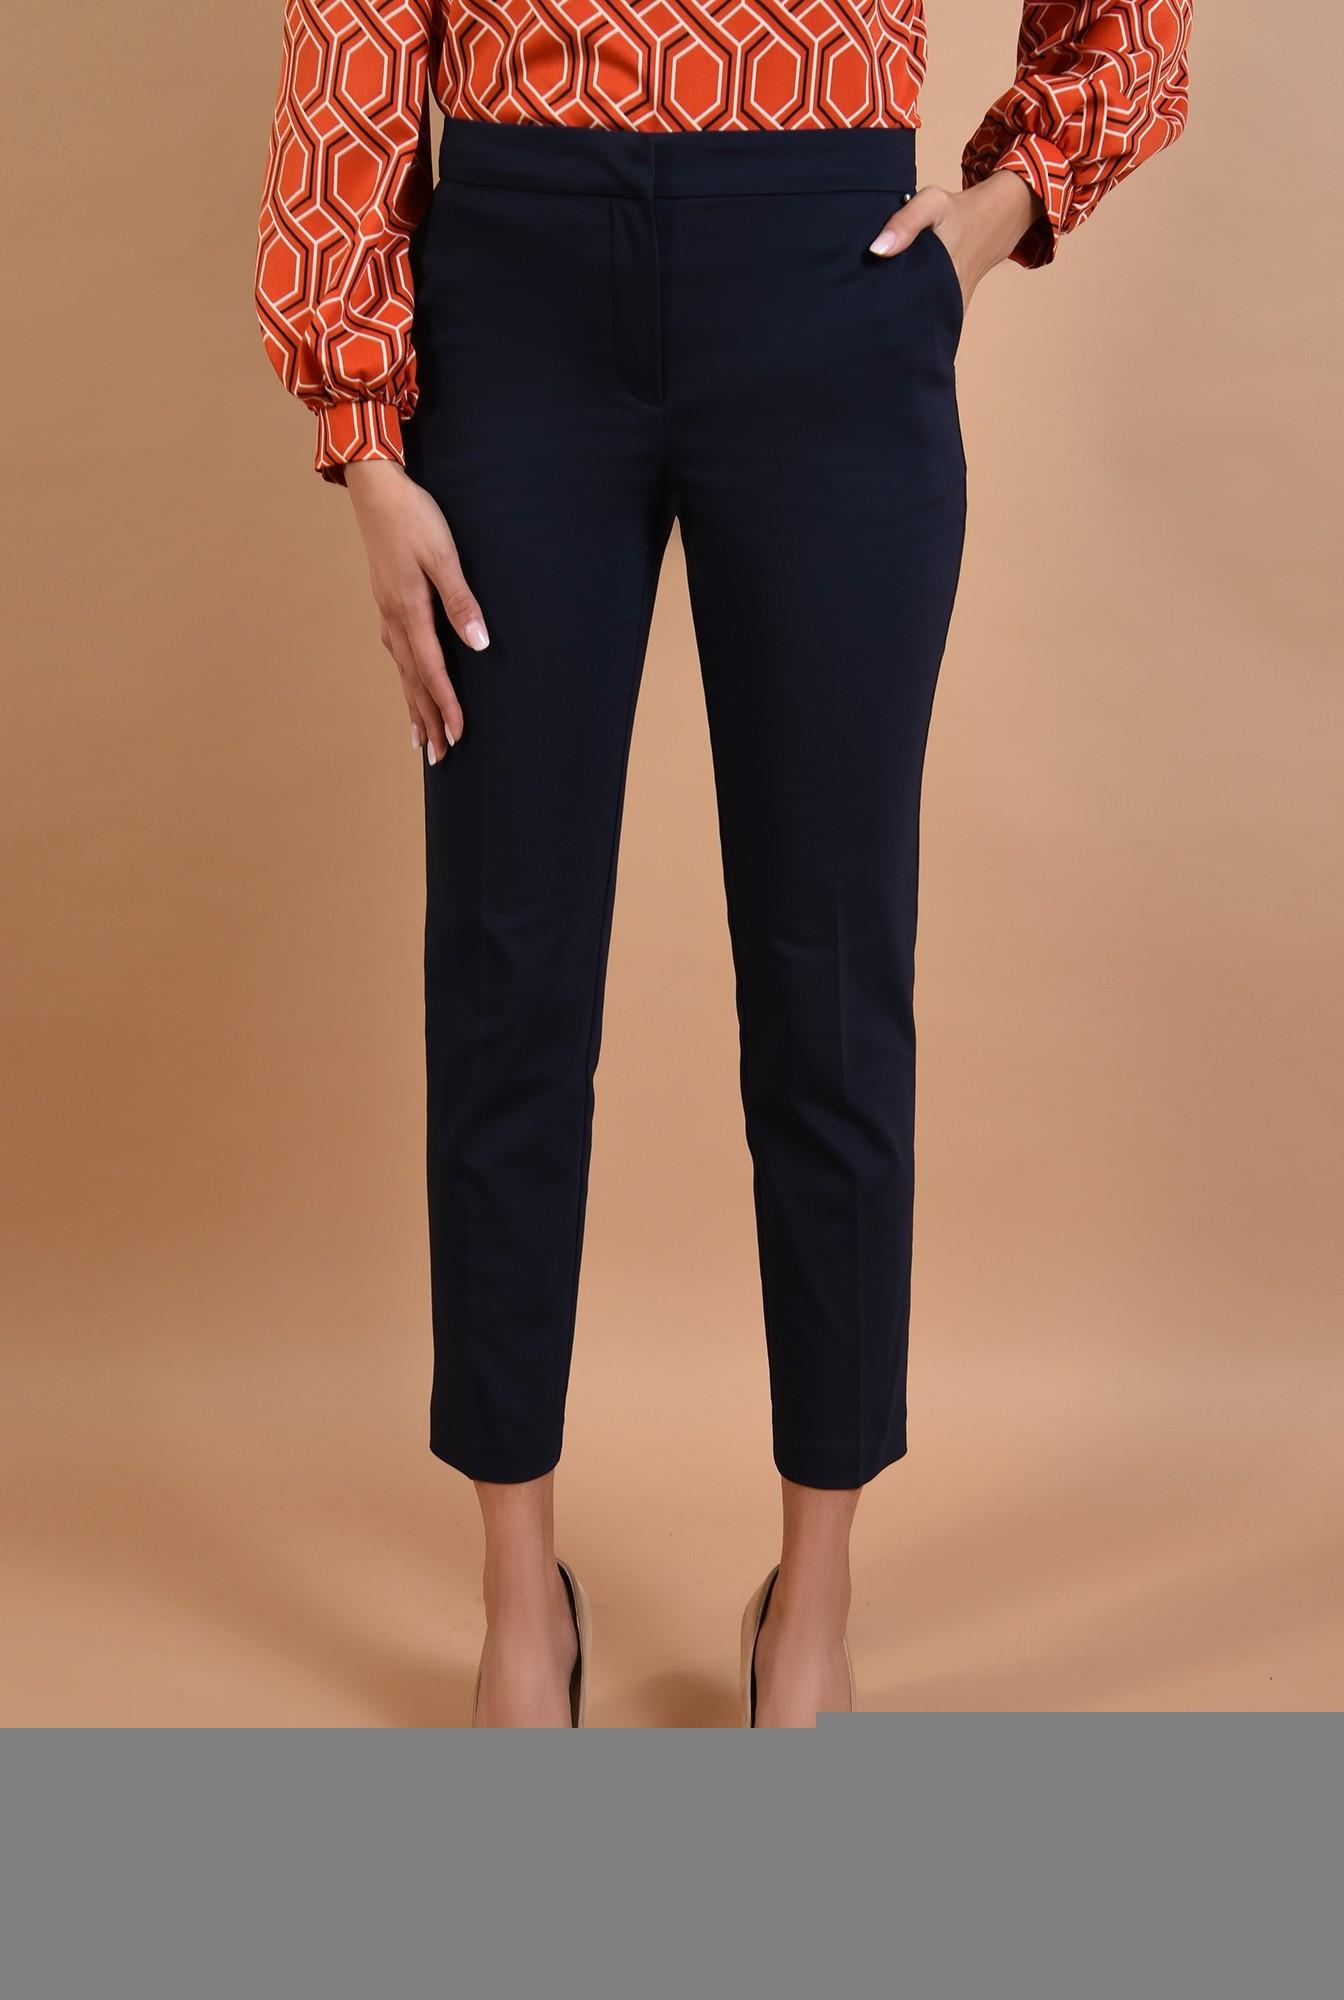 2 - pantaloni bleumarin, conici, cu buzunare, talie medie